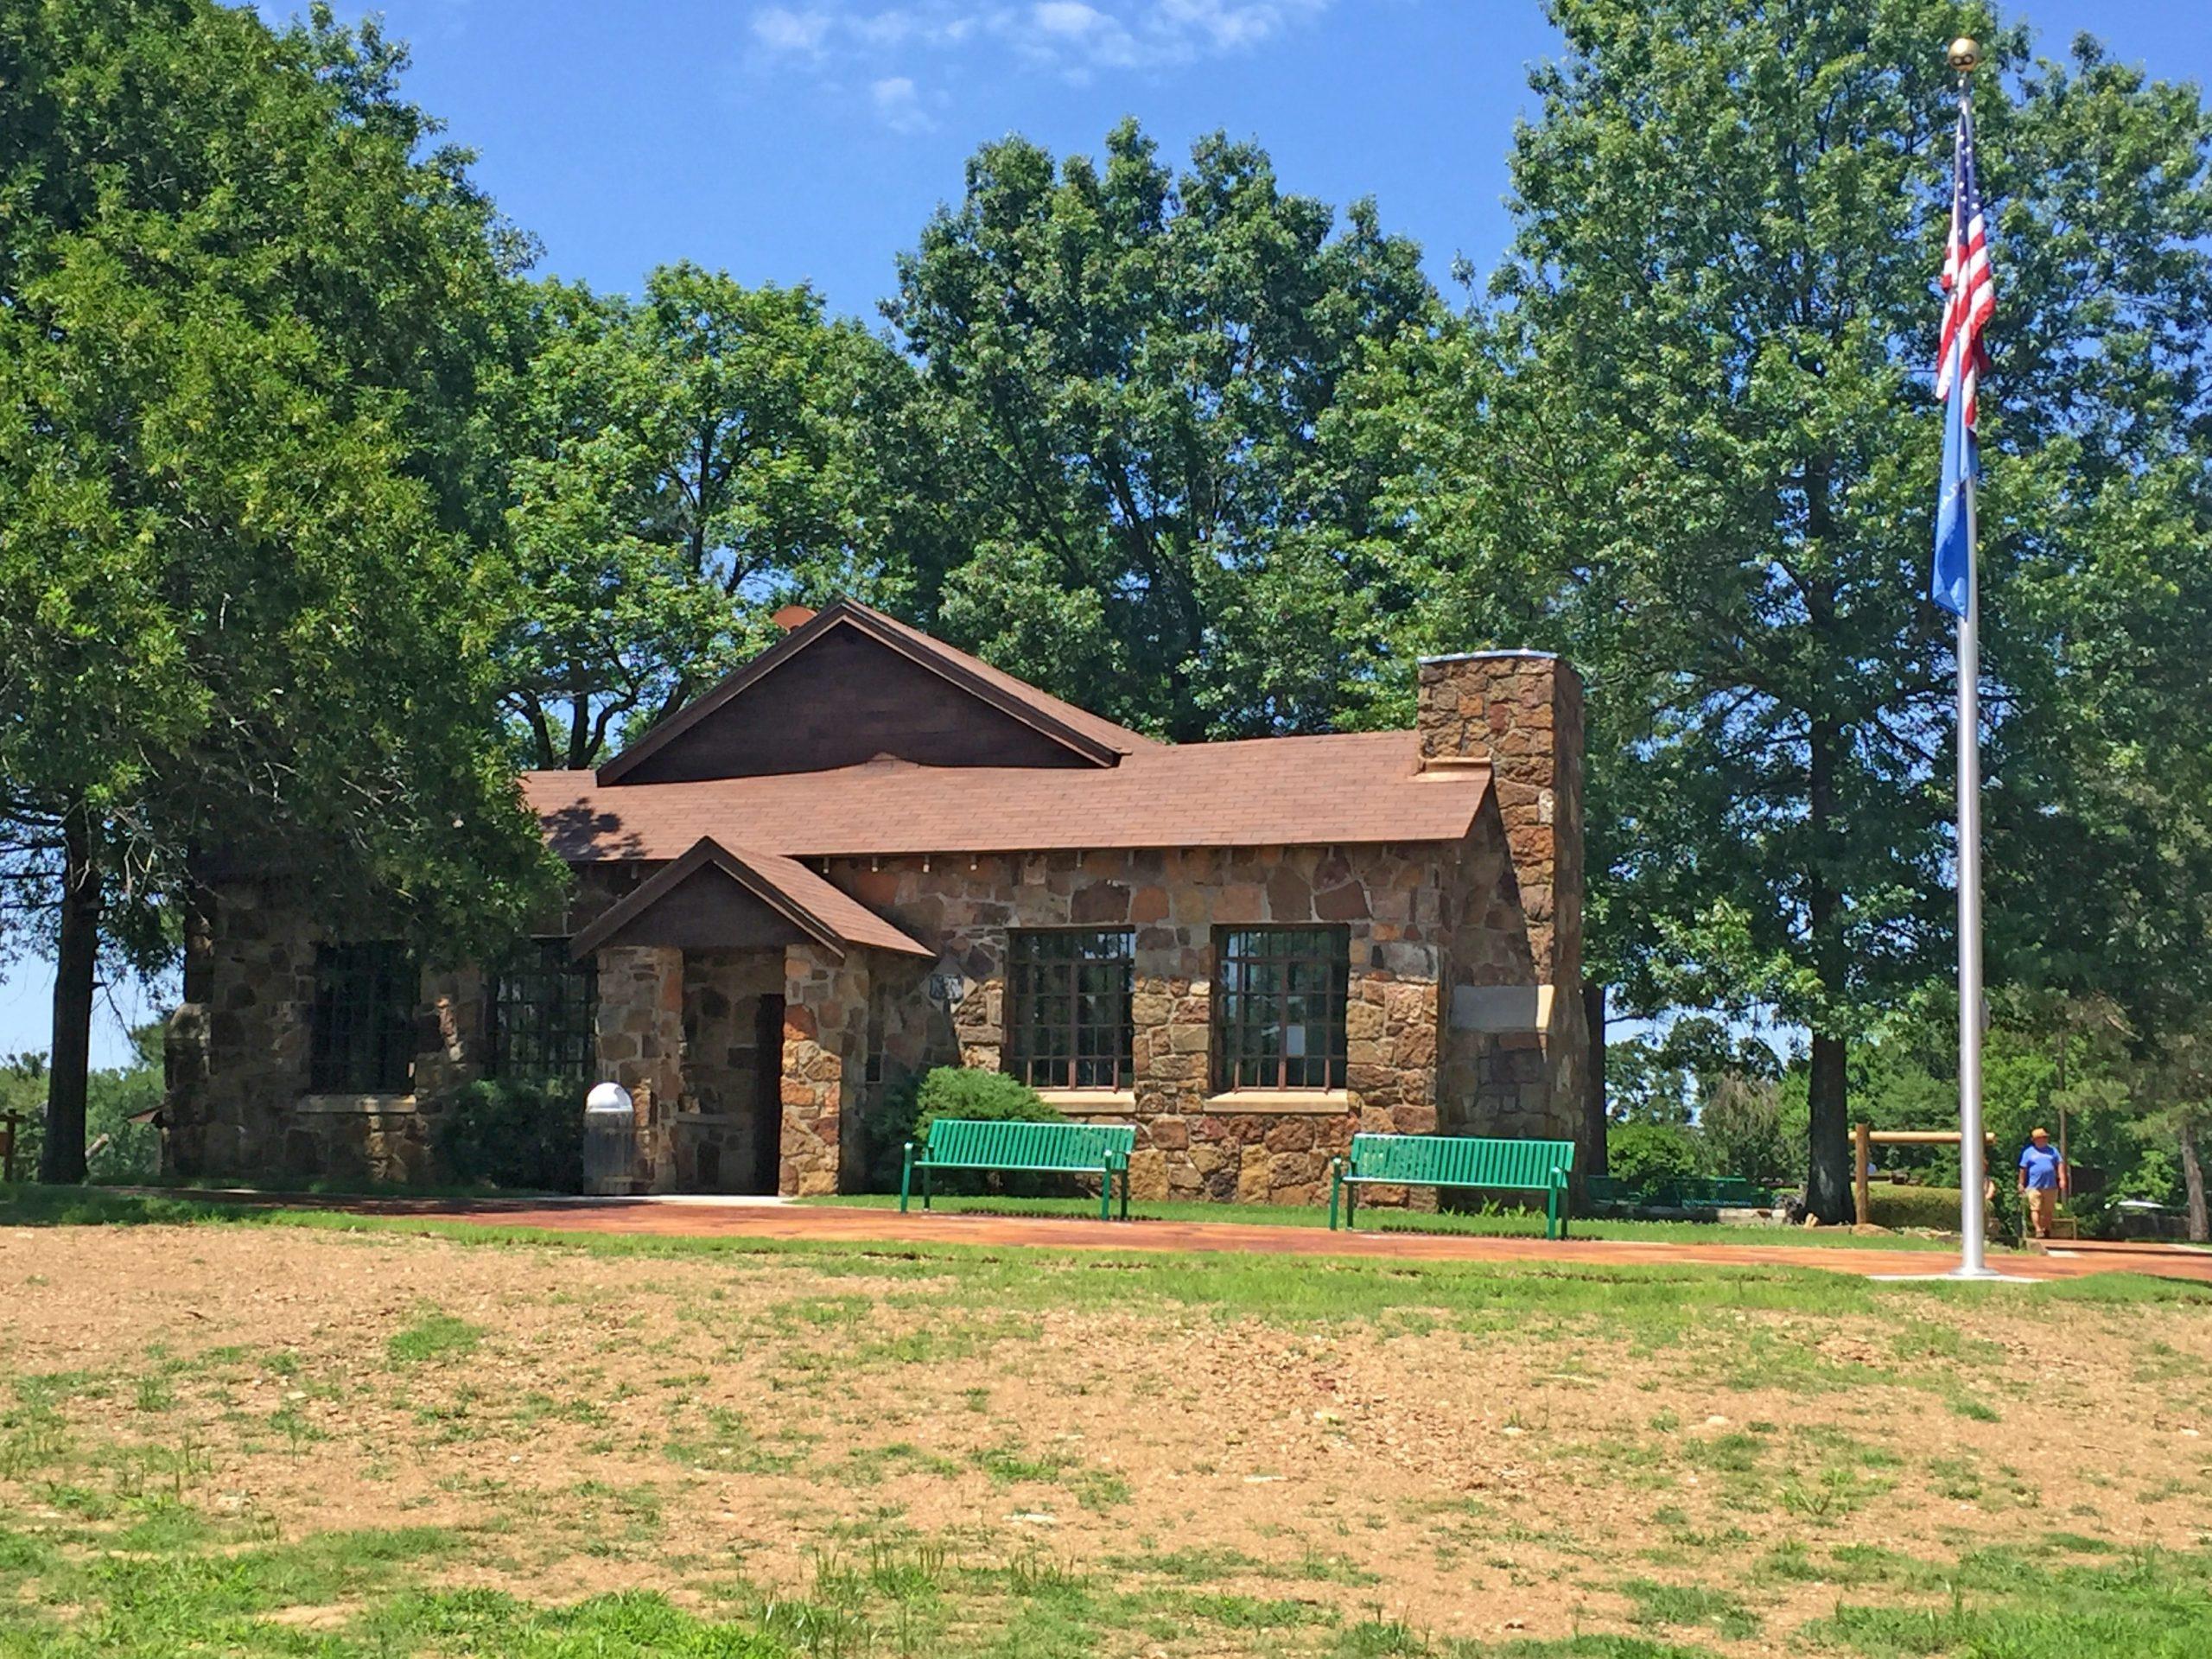 Cherokee Nation, Sequoyah's Cabin Museum